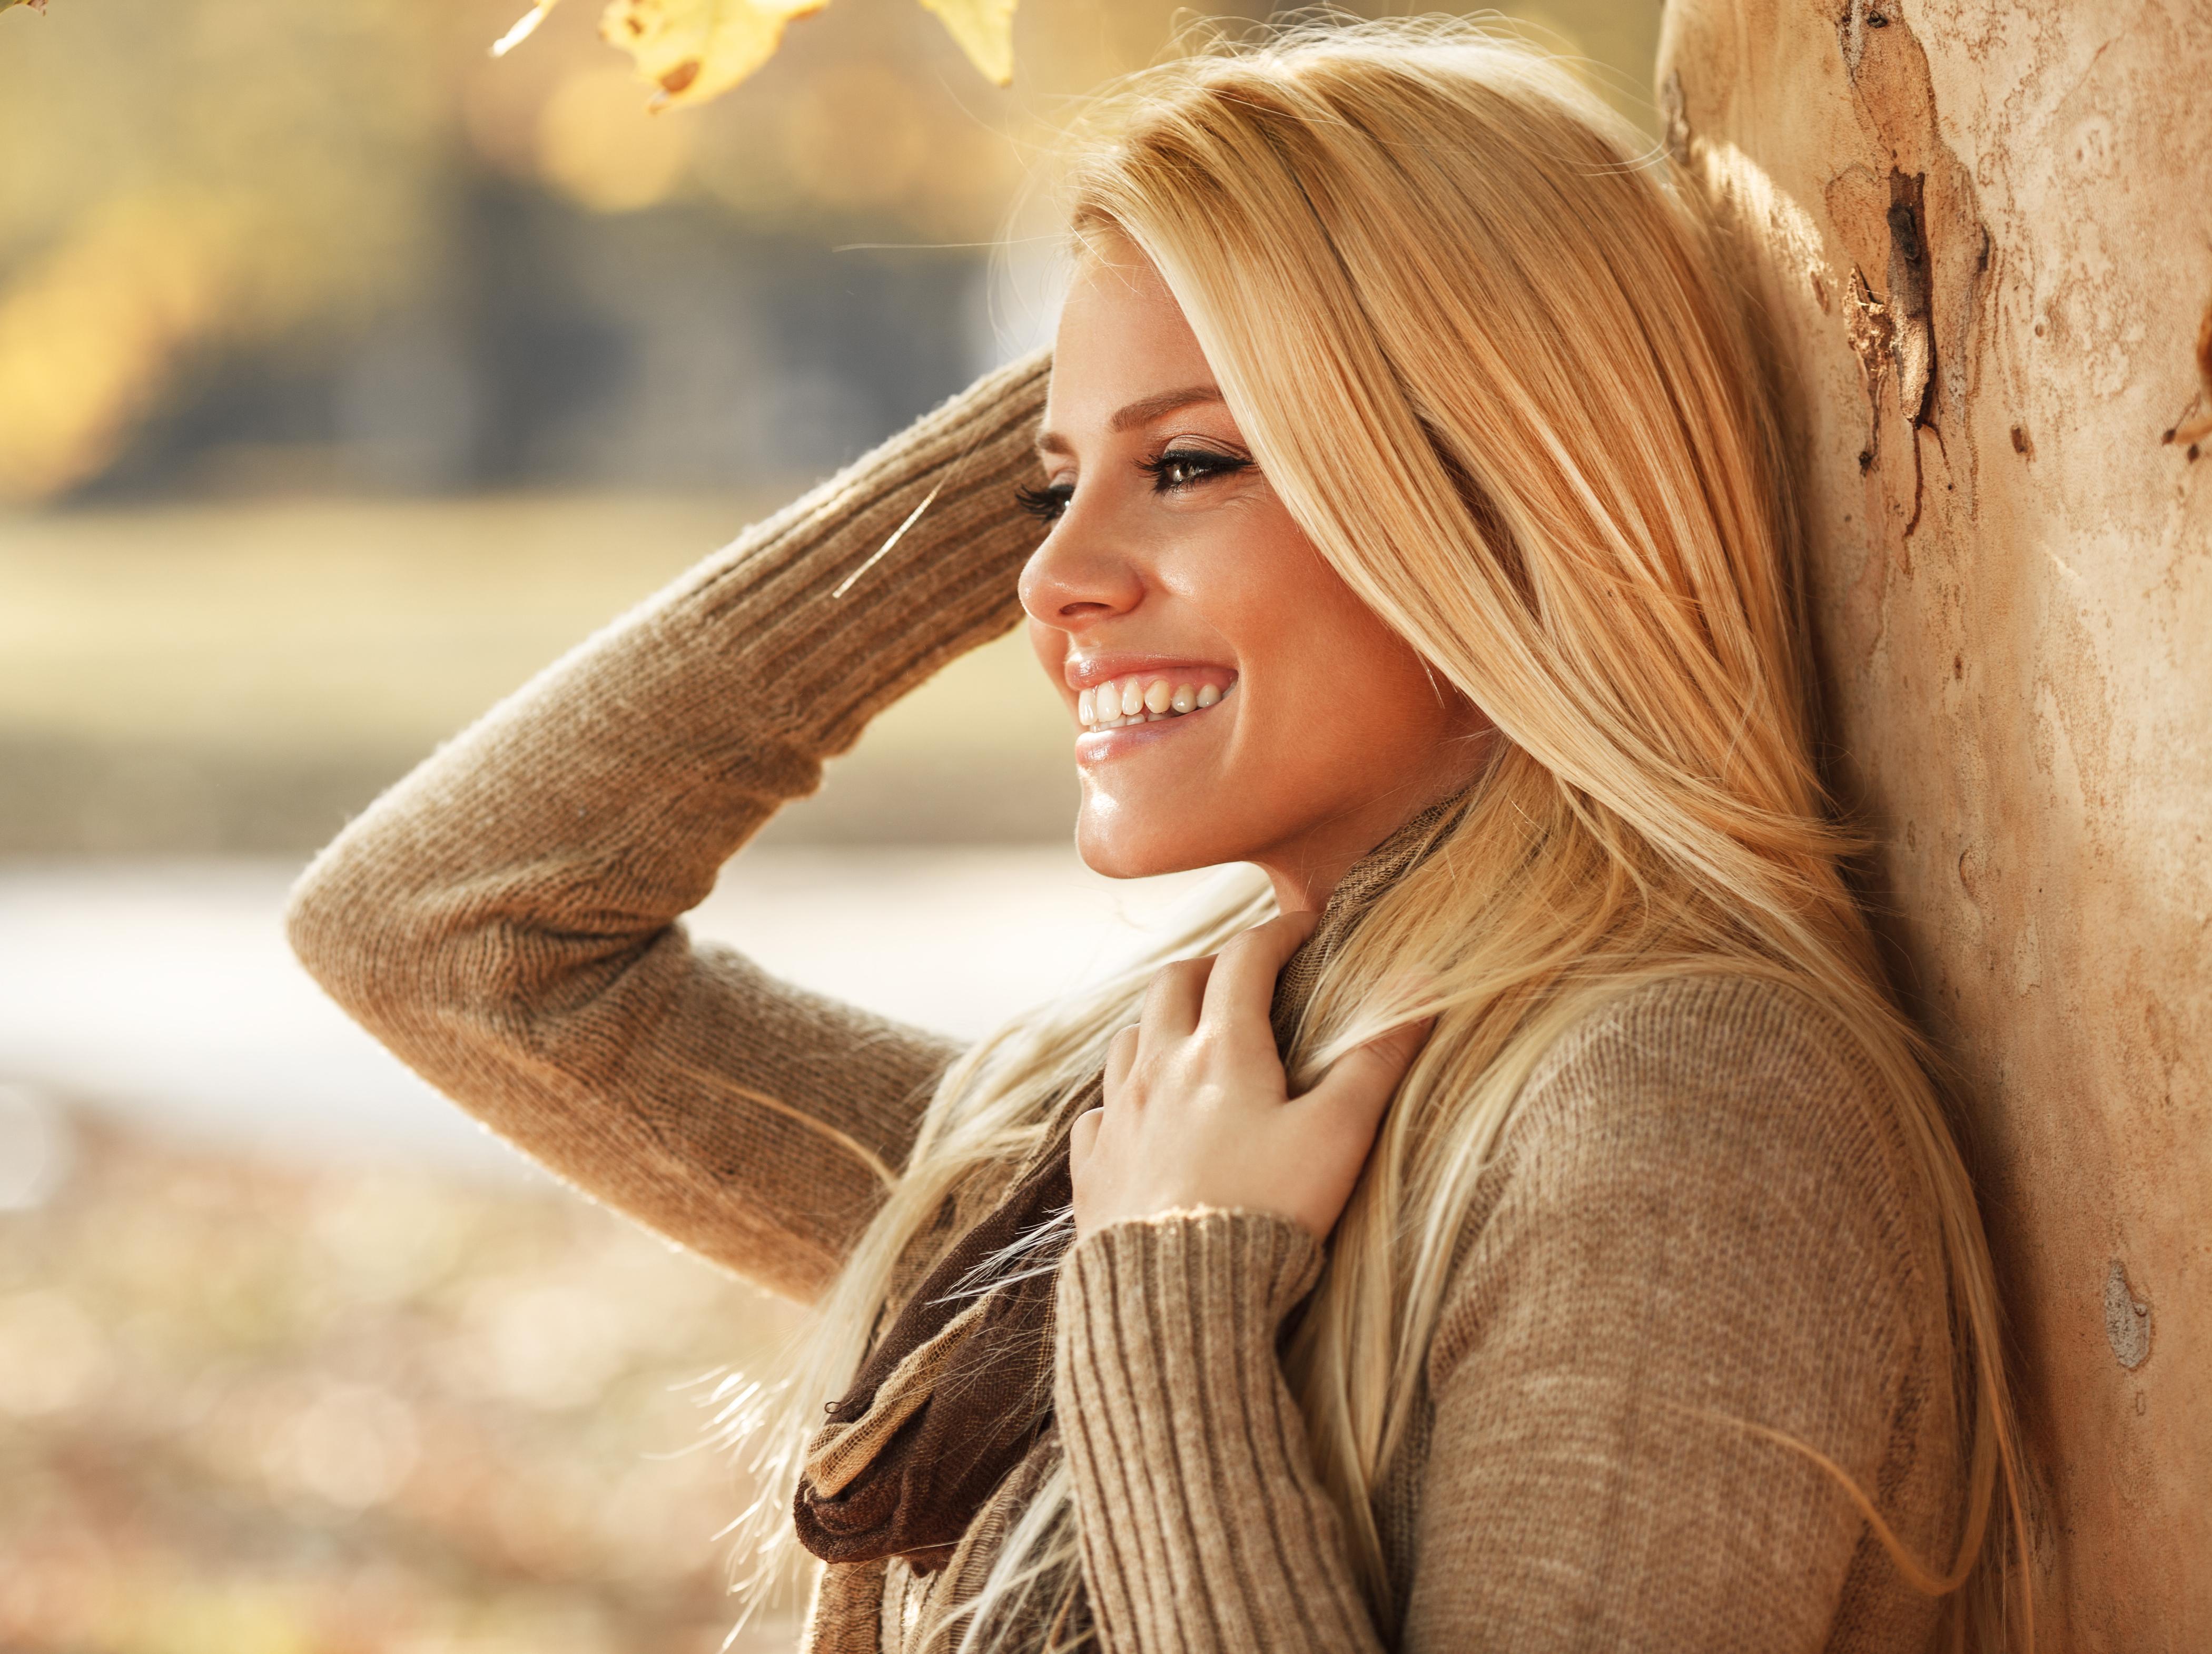 длинноволосые блондинки фото меня